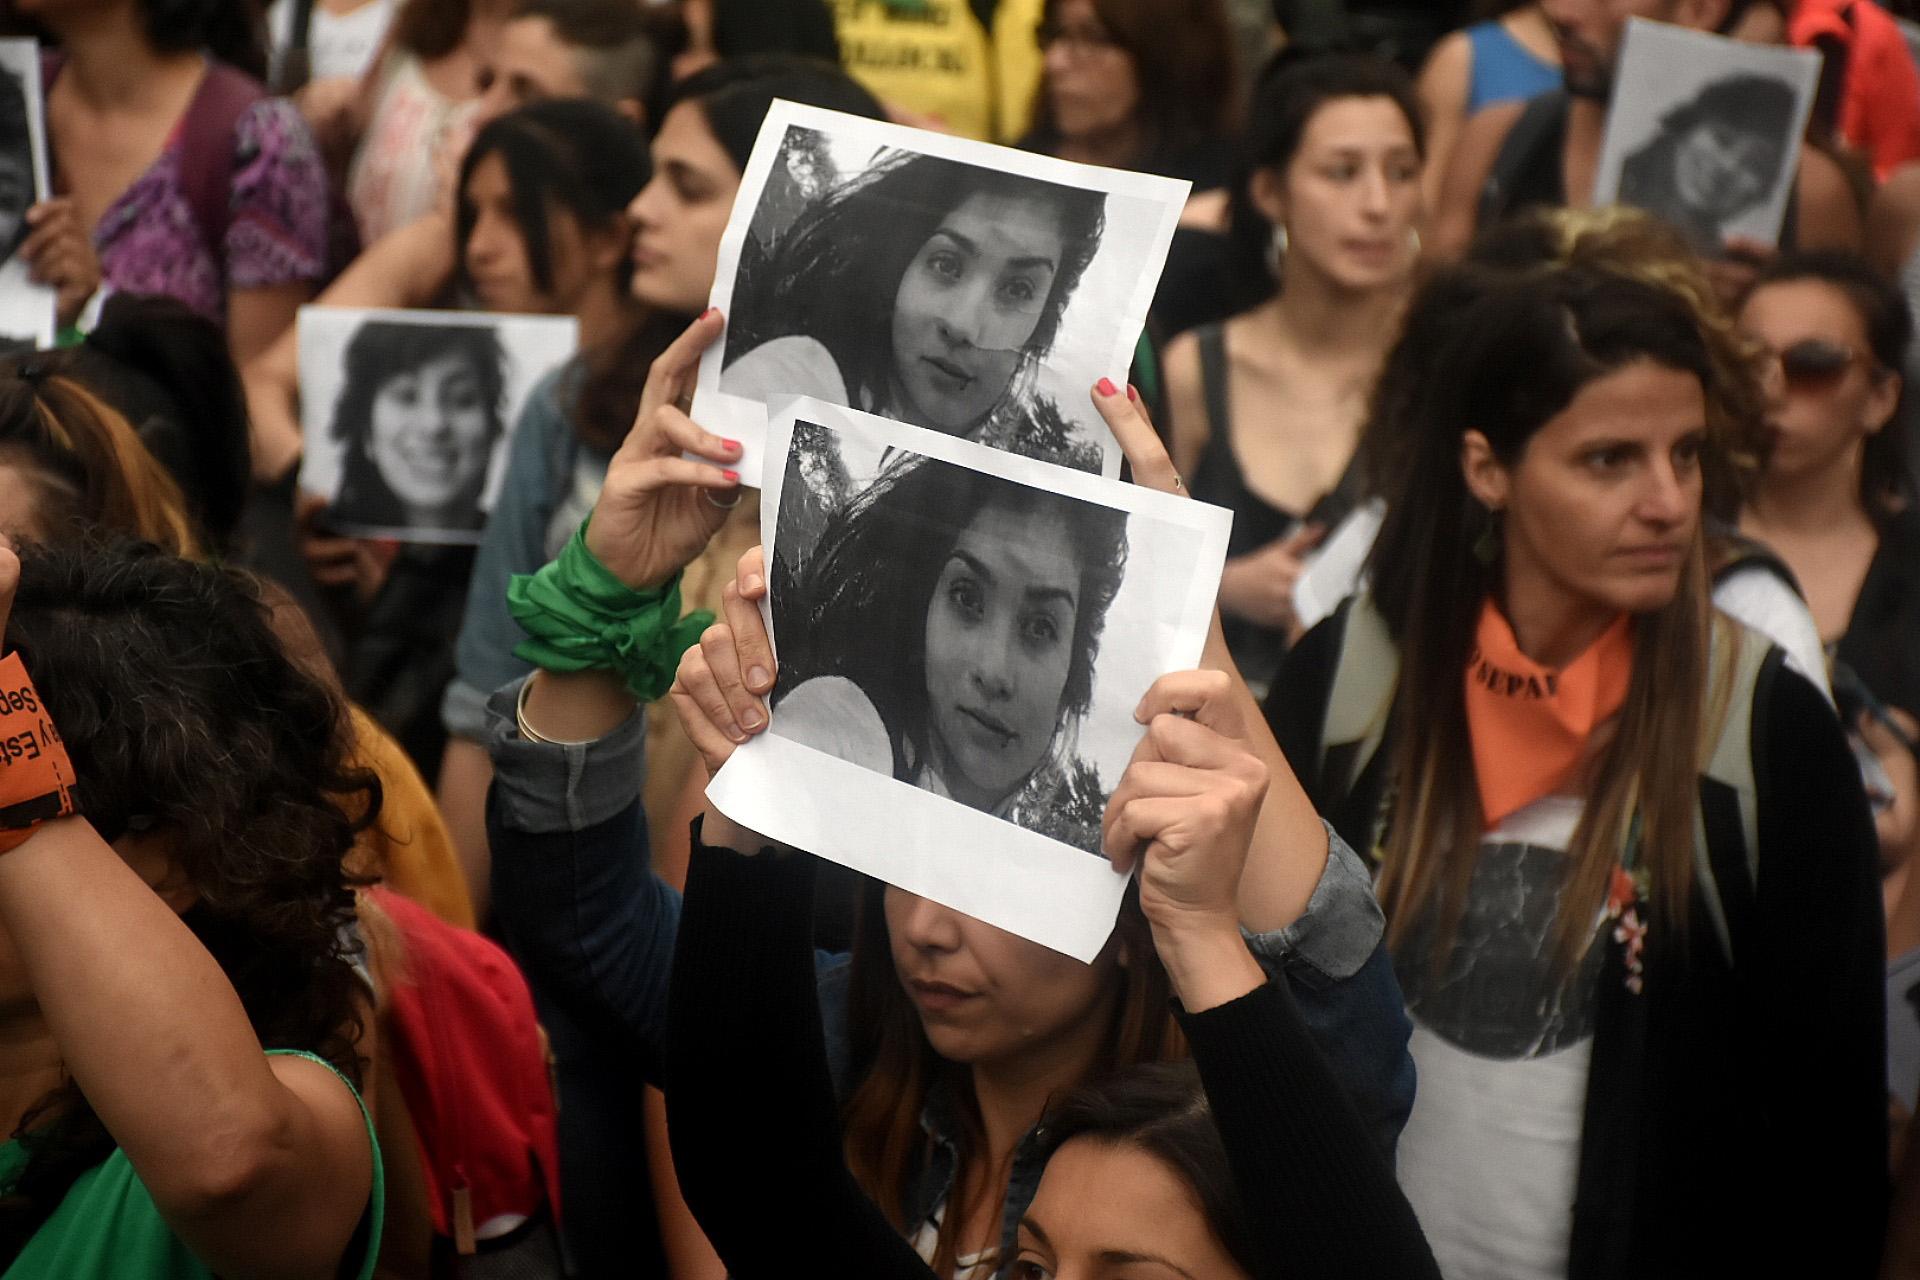 Dirigentes sociales, grupos feministas, estudiantes, entre otros, participaron de la marcha